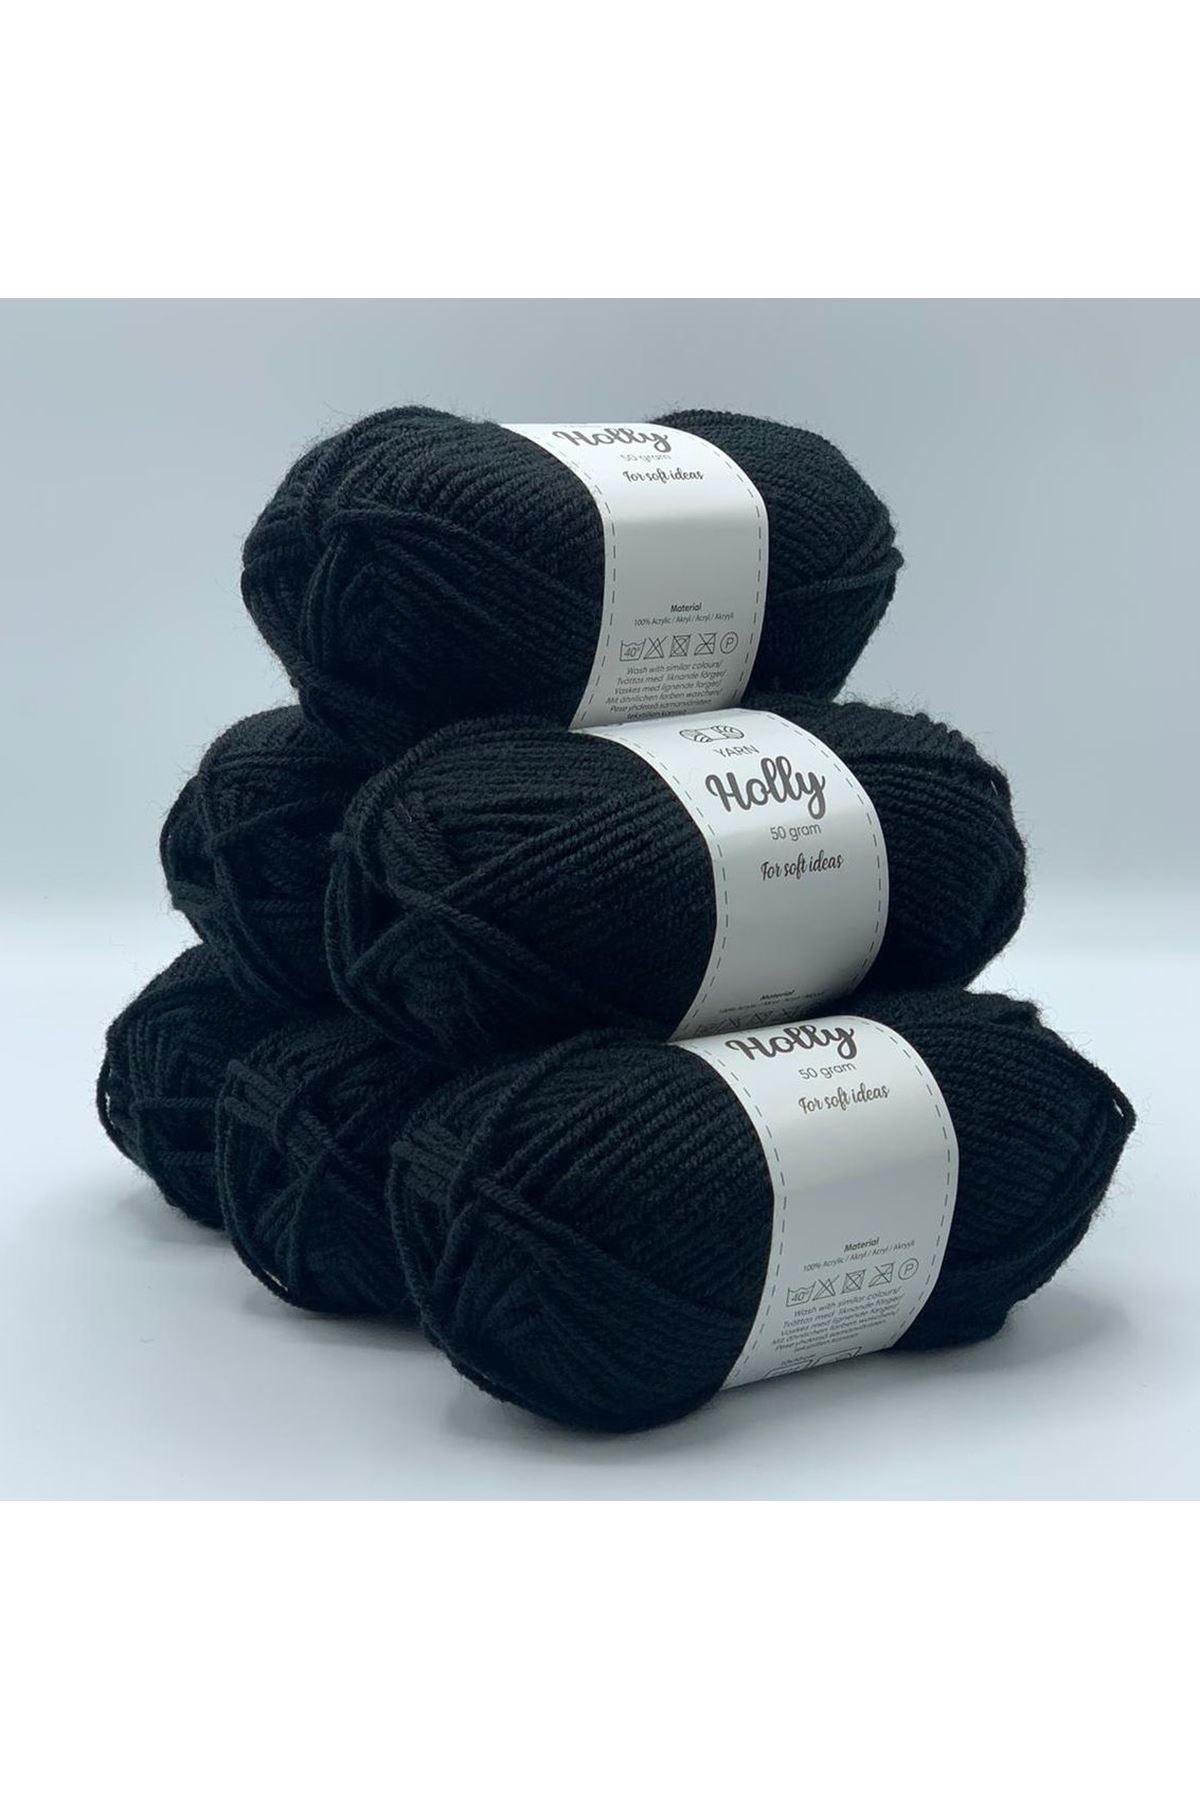 İhrac Fazlası 1148 Siyah 6'lı Paket 300 gram Akrilik